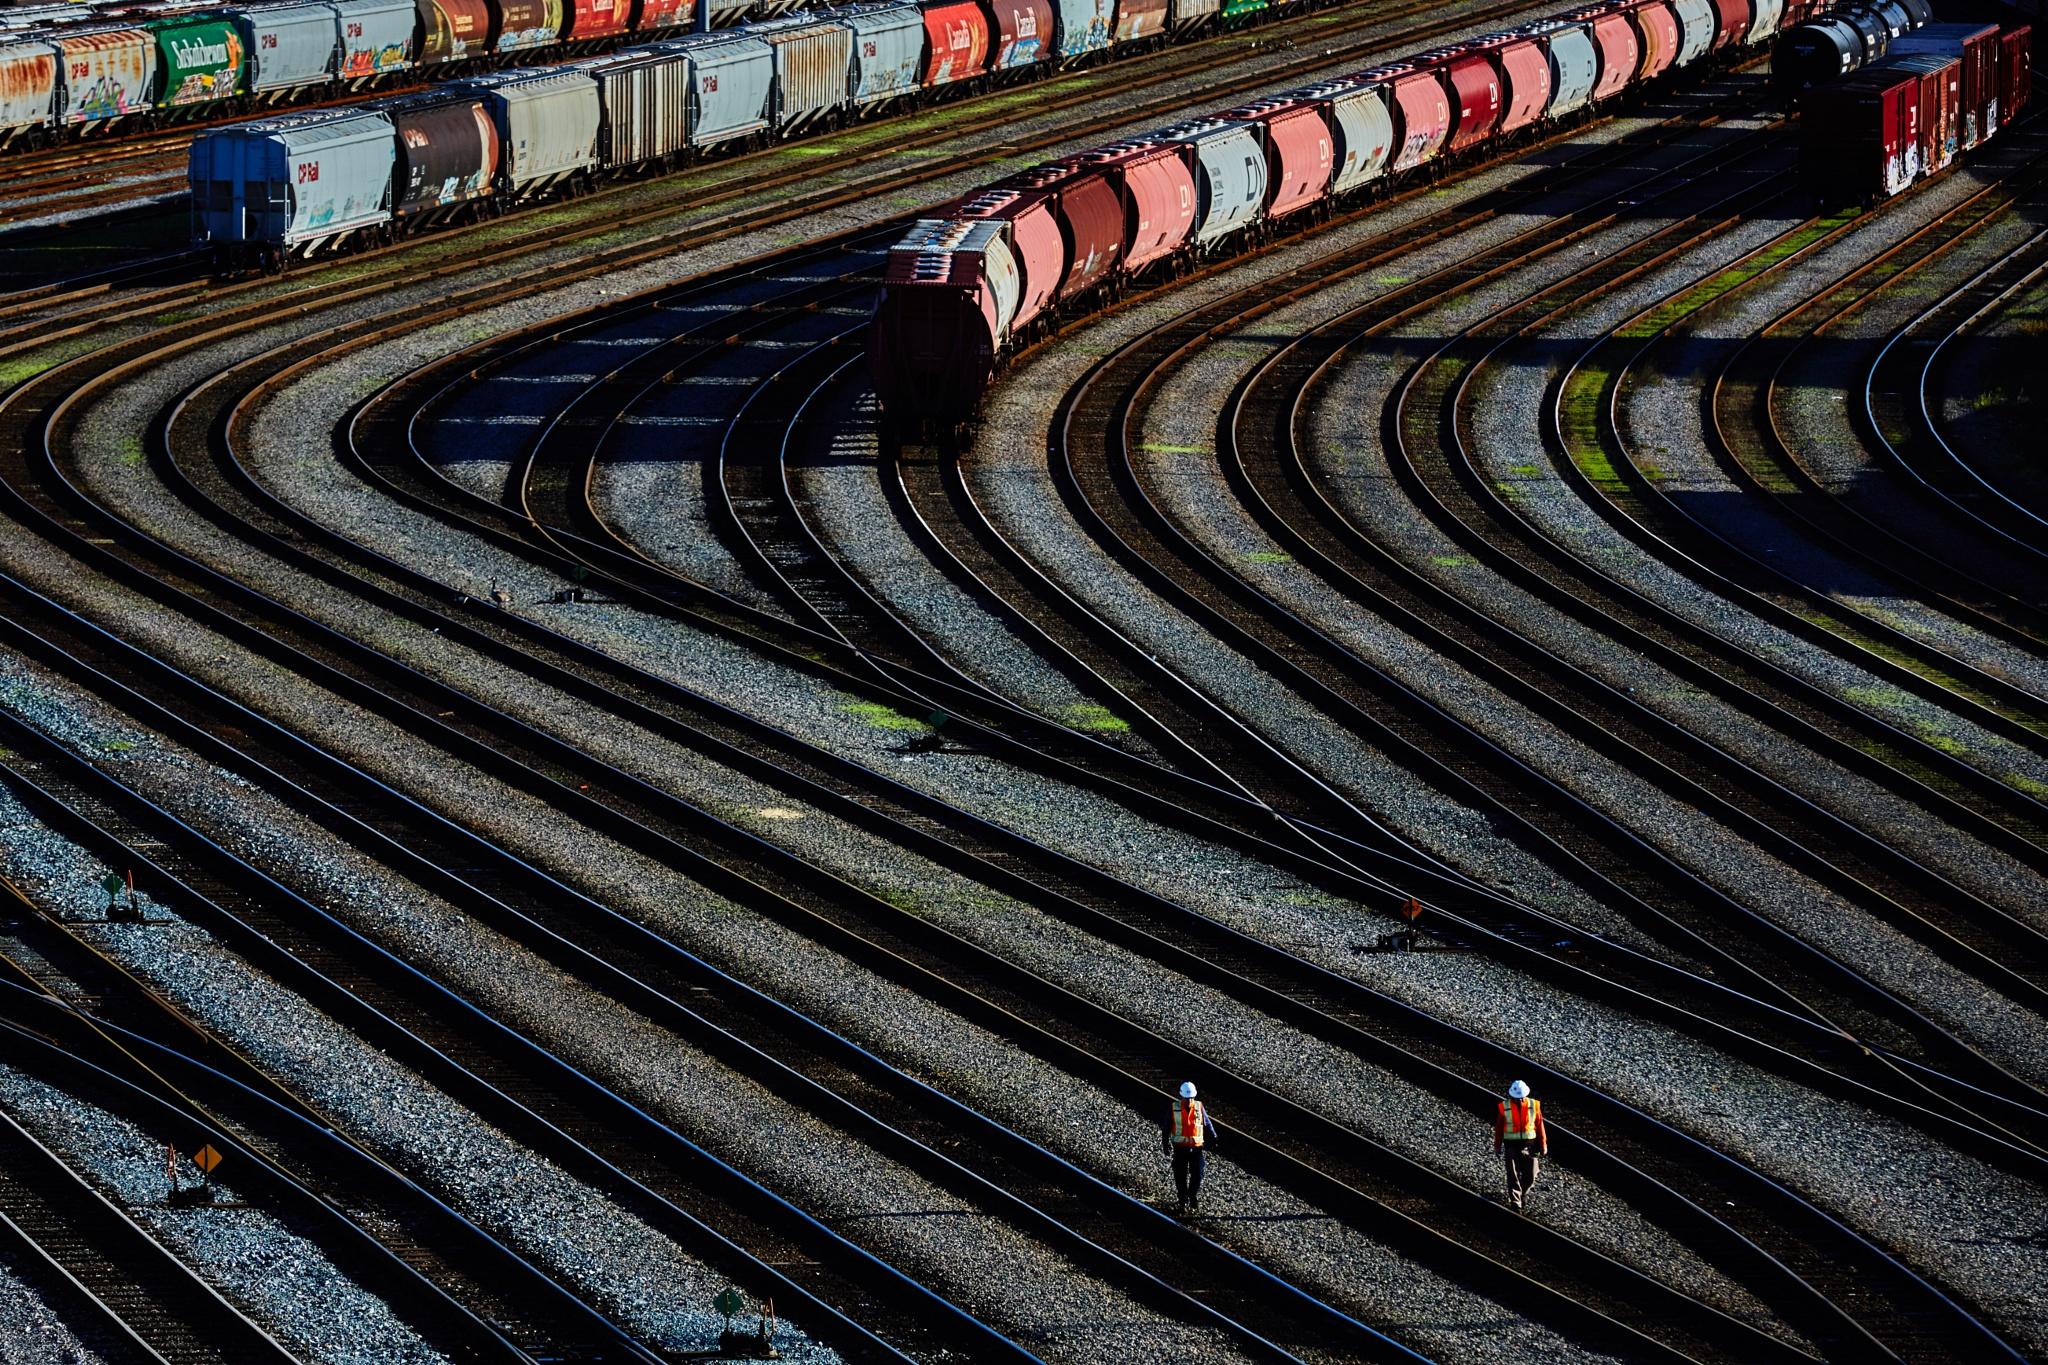 Rail yard by Greg Mullaly